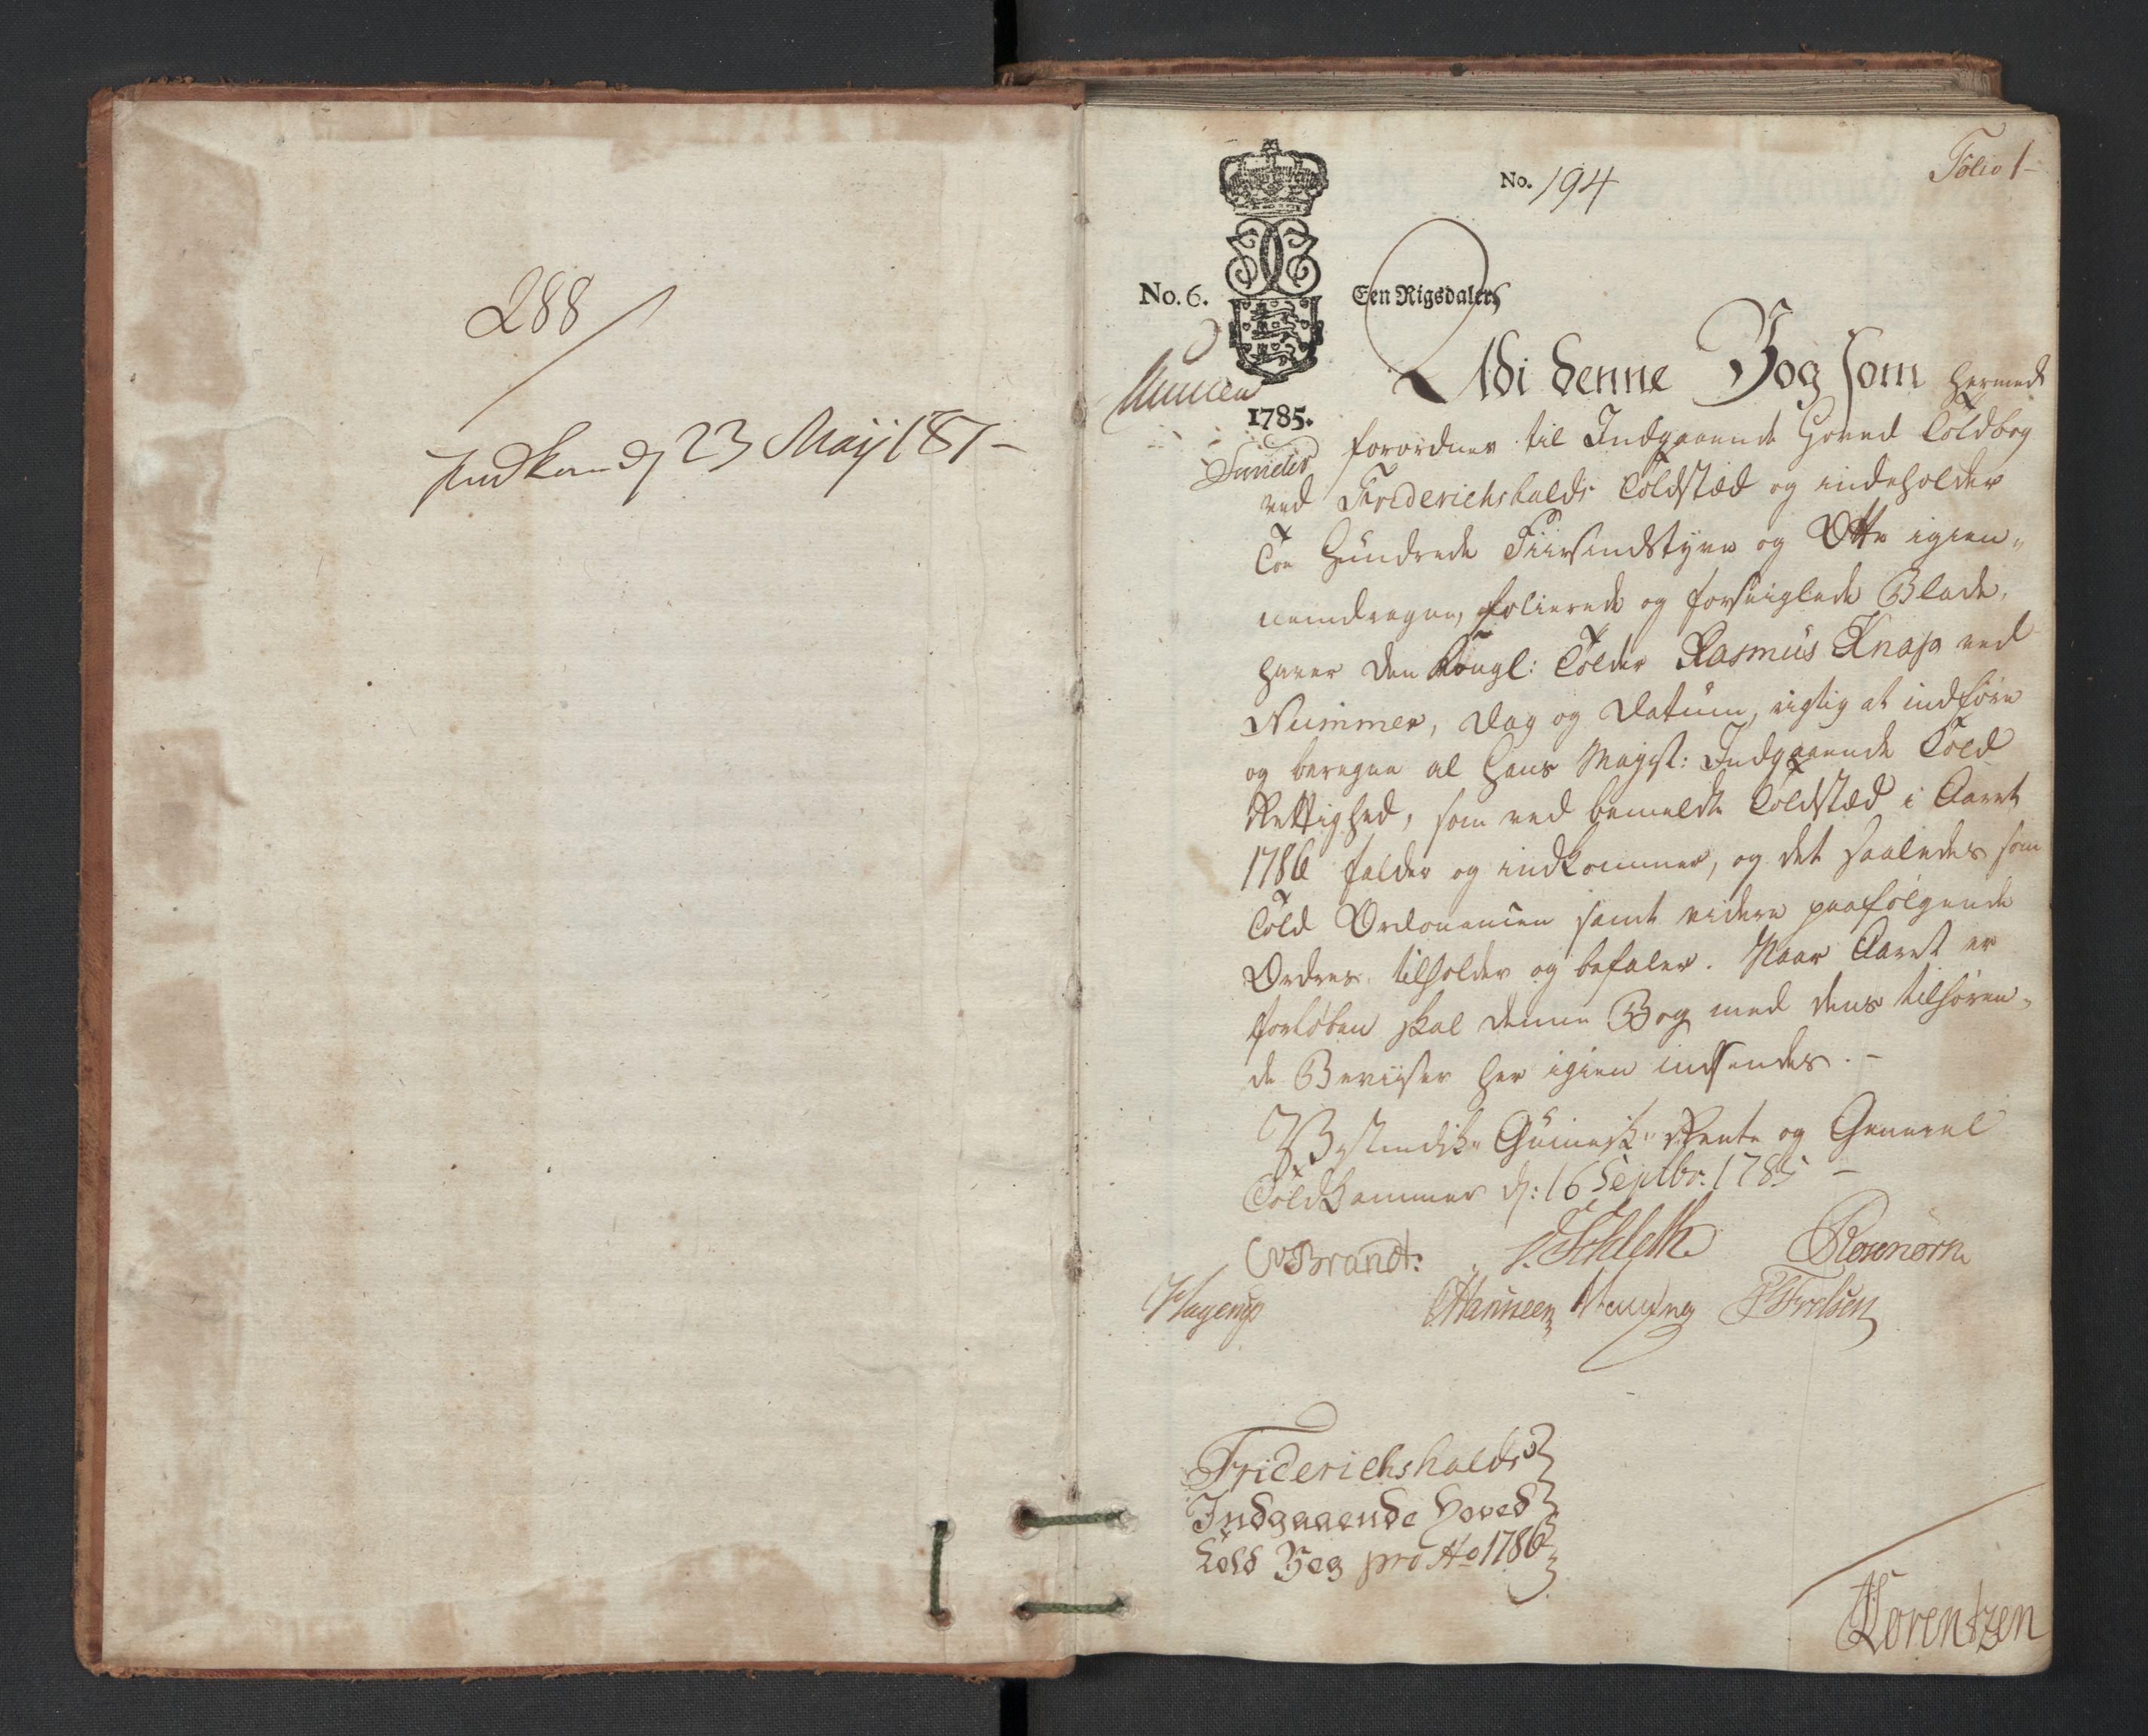 RA, Generaltollkammeret, tollregnskaper, R01/L0130: Tollregnskaper Fredrikshald, 1786, s. 1a